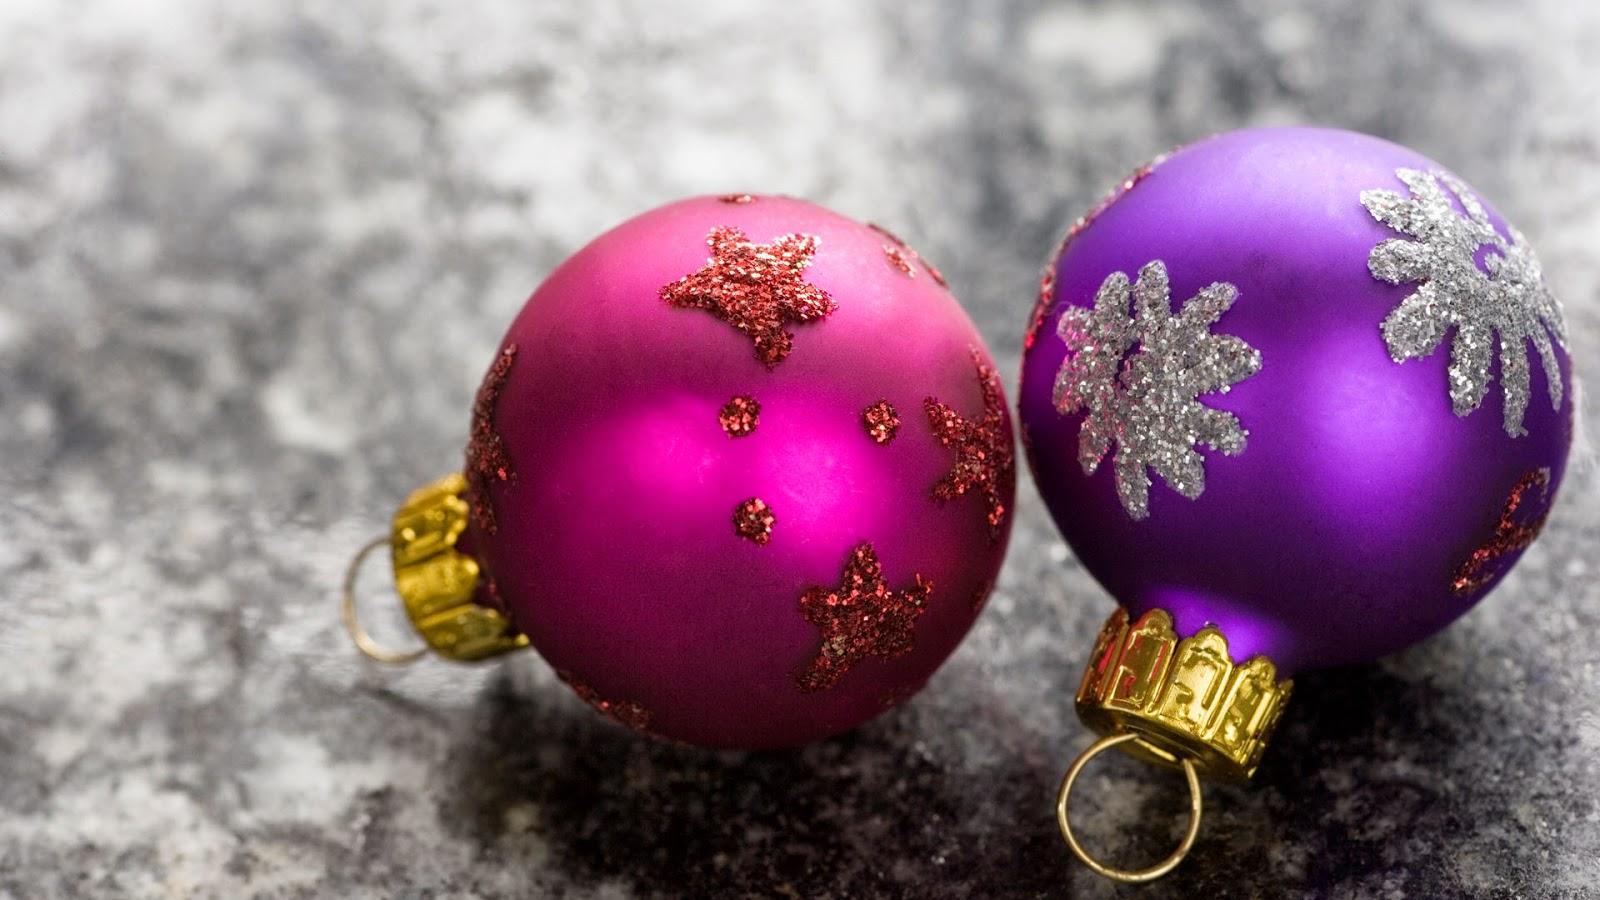 Fondos Verdes De Navidad Para Pantalla Hd 2 Hd Wallpapers: Imagenes Y Wallpapers: Fondo De Pantalla Navidad Bolas Moradas